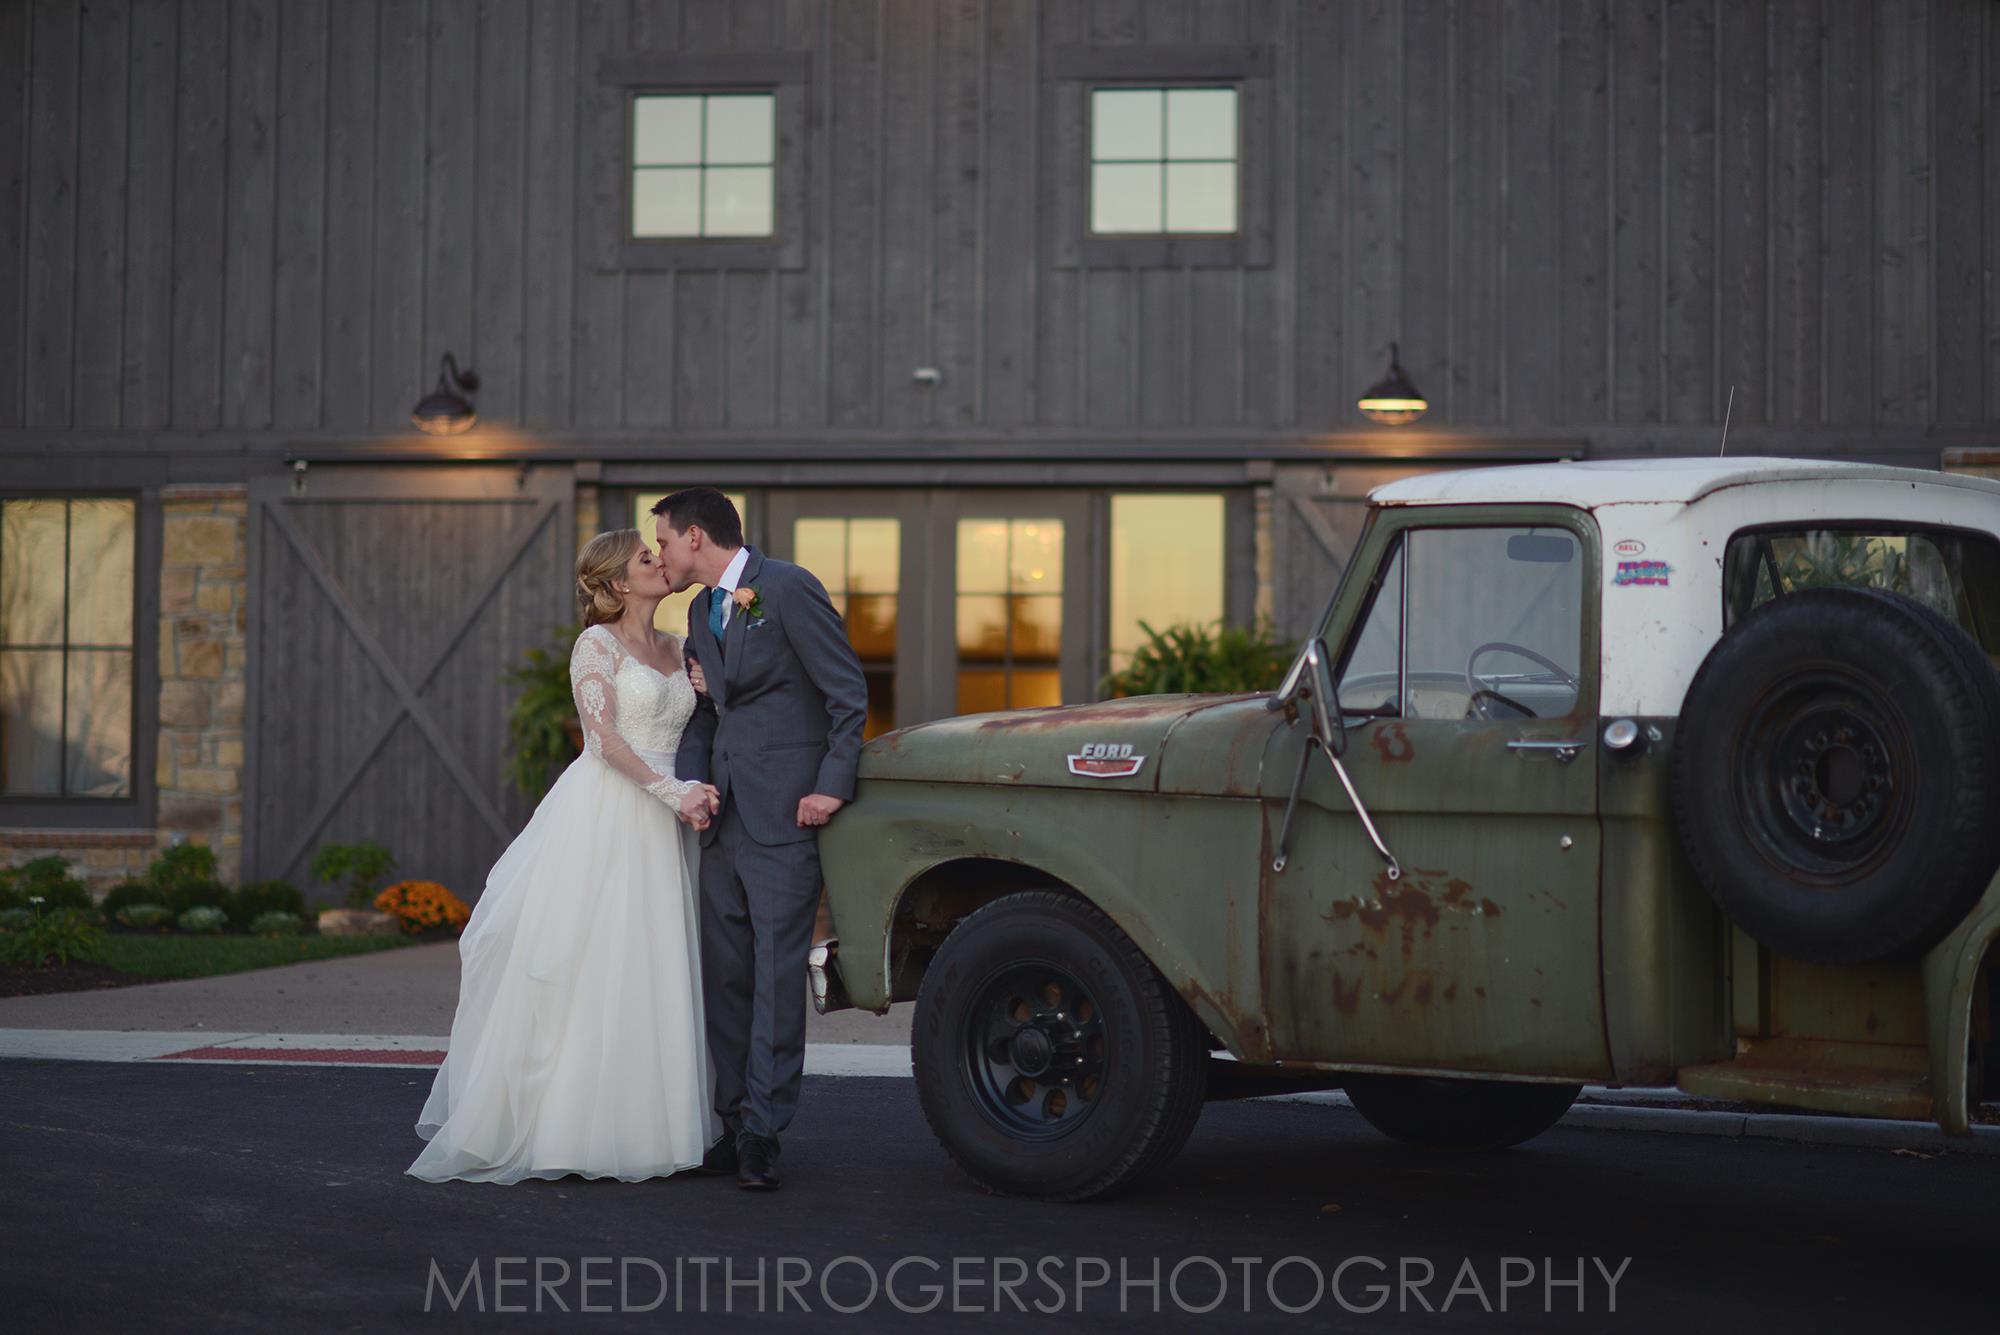 MeredithRogers viintage truck.jpg